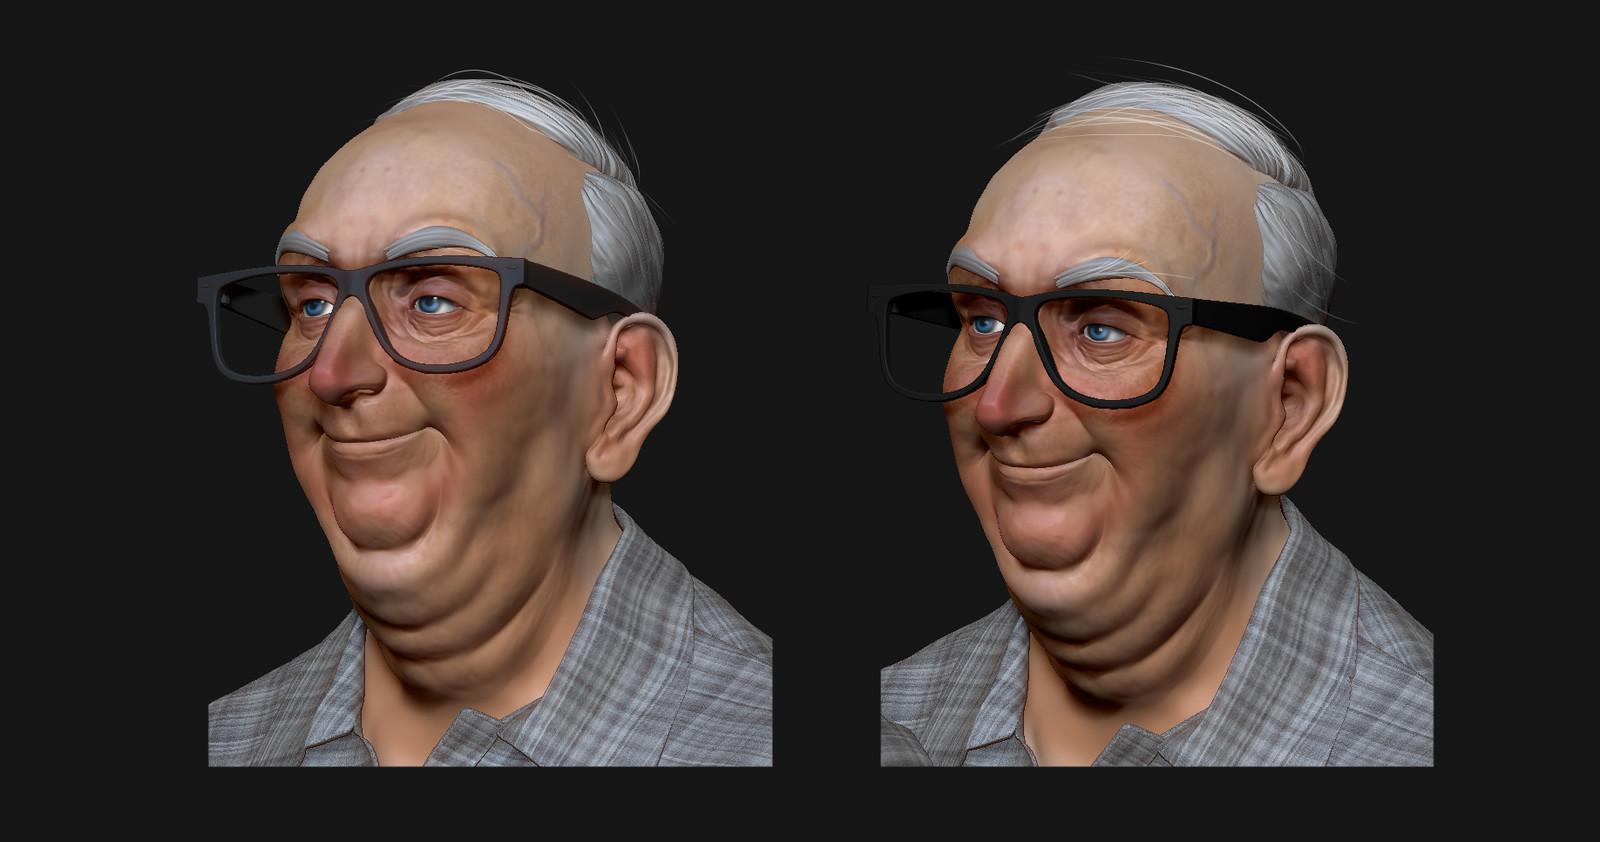 Old gentlemen - WIP